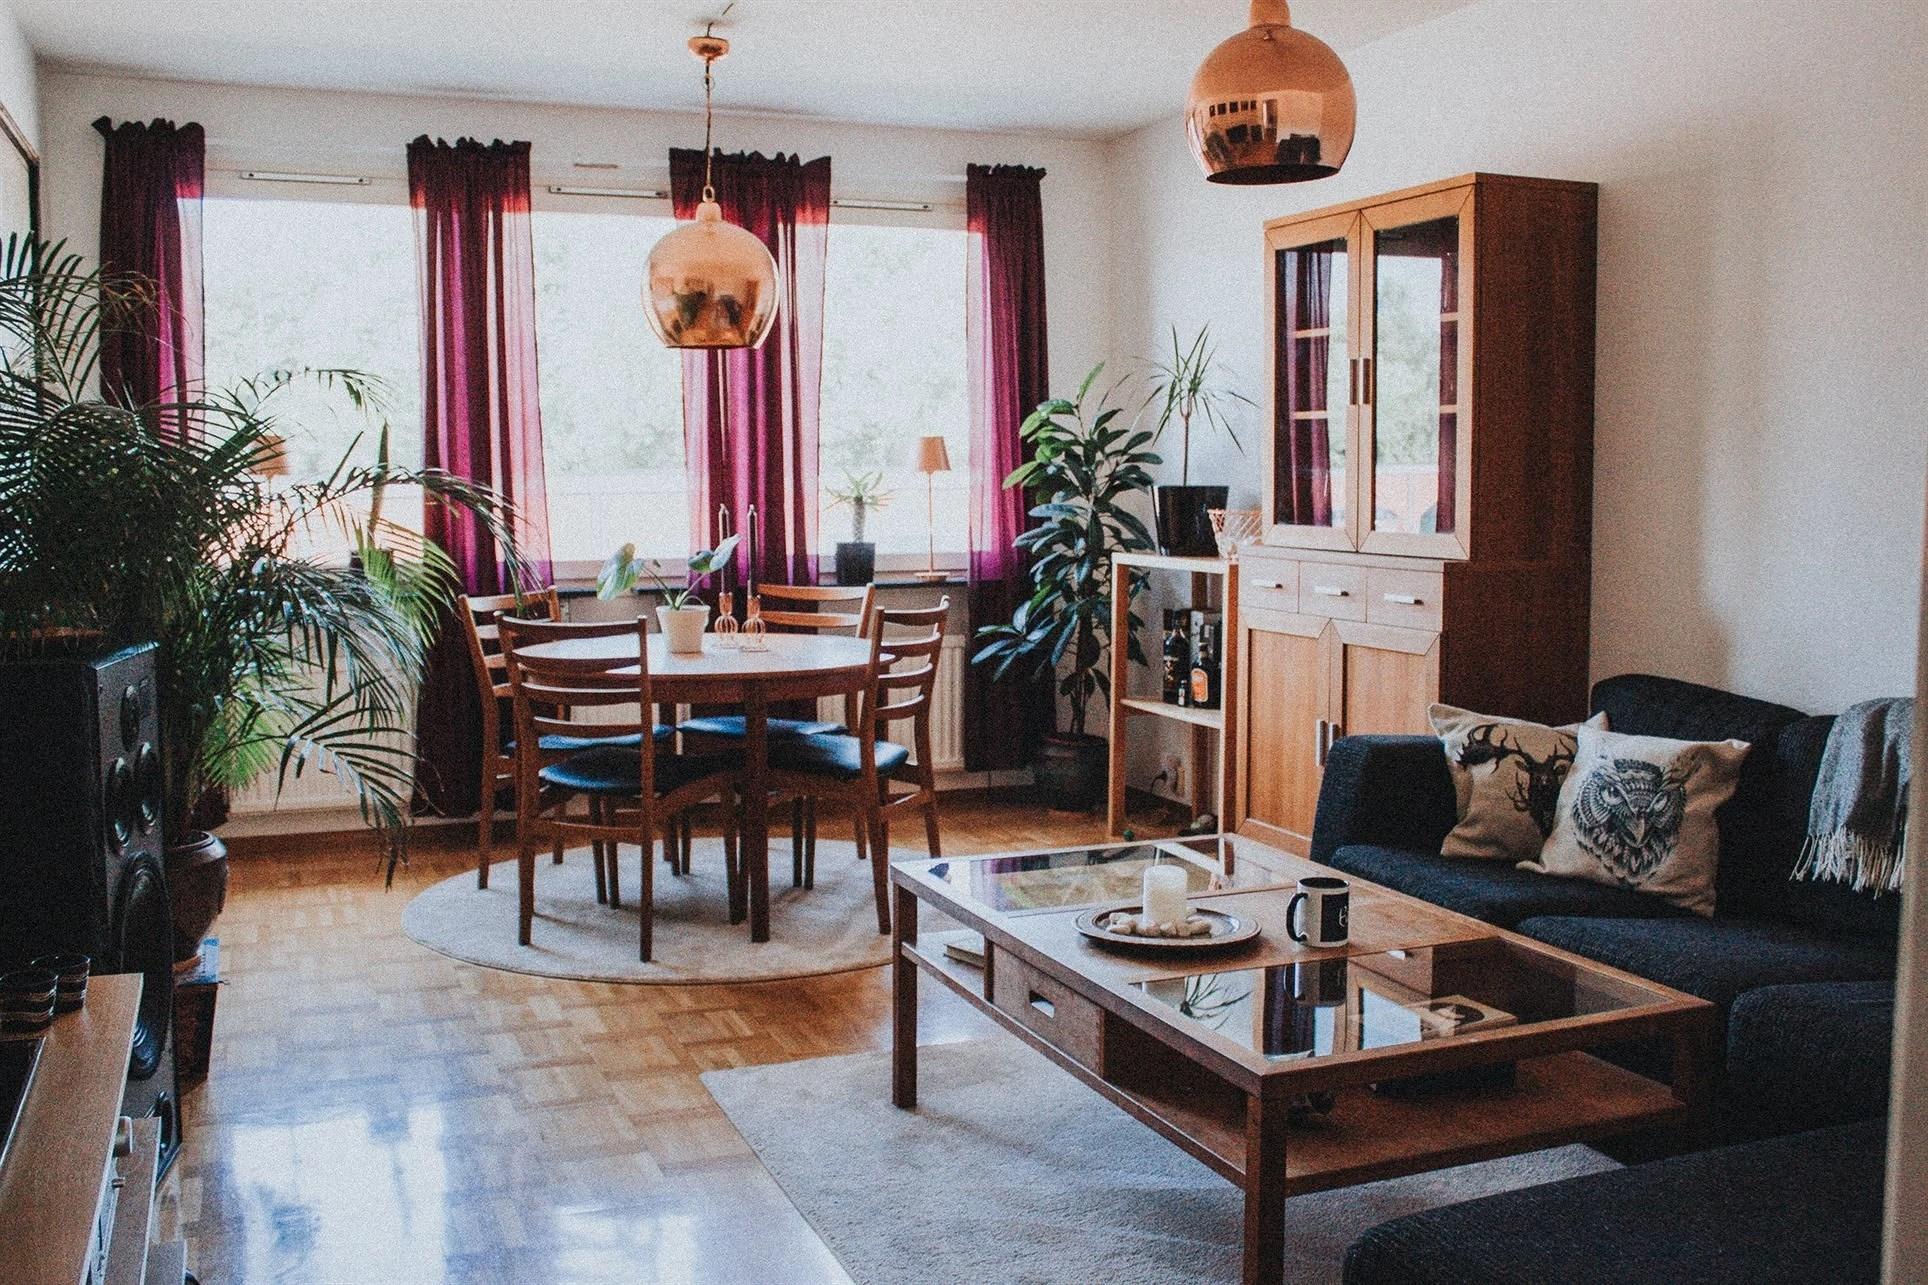 Hemma hos oss: Vardagsrum